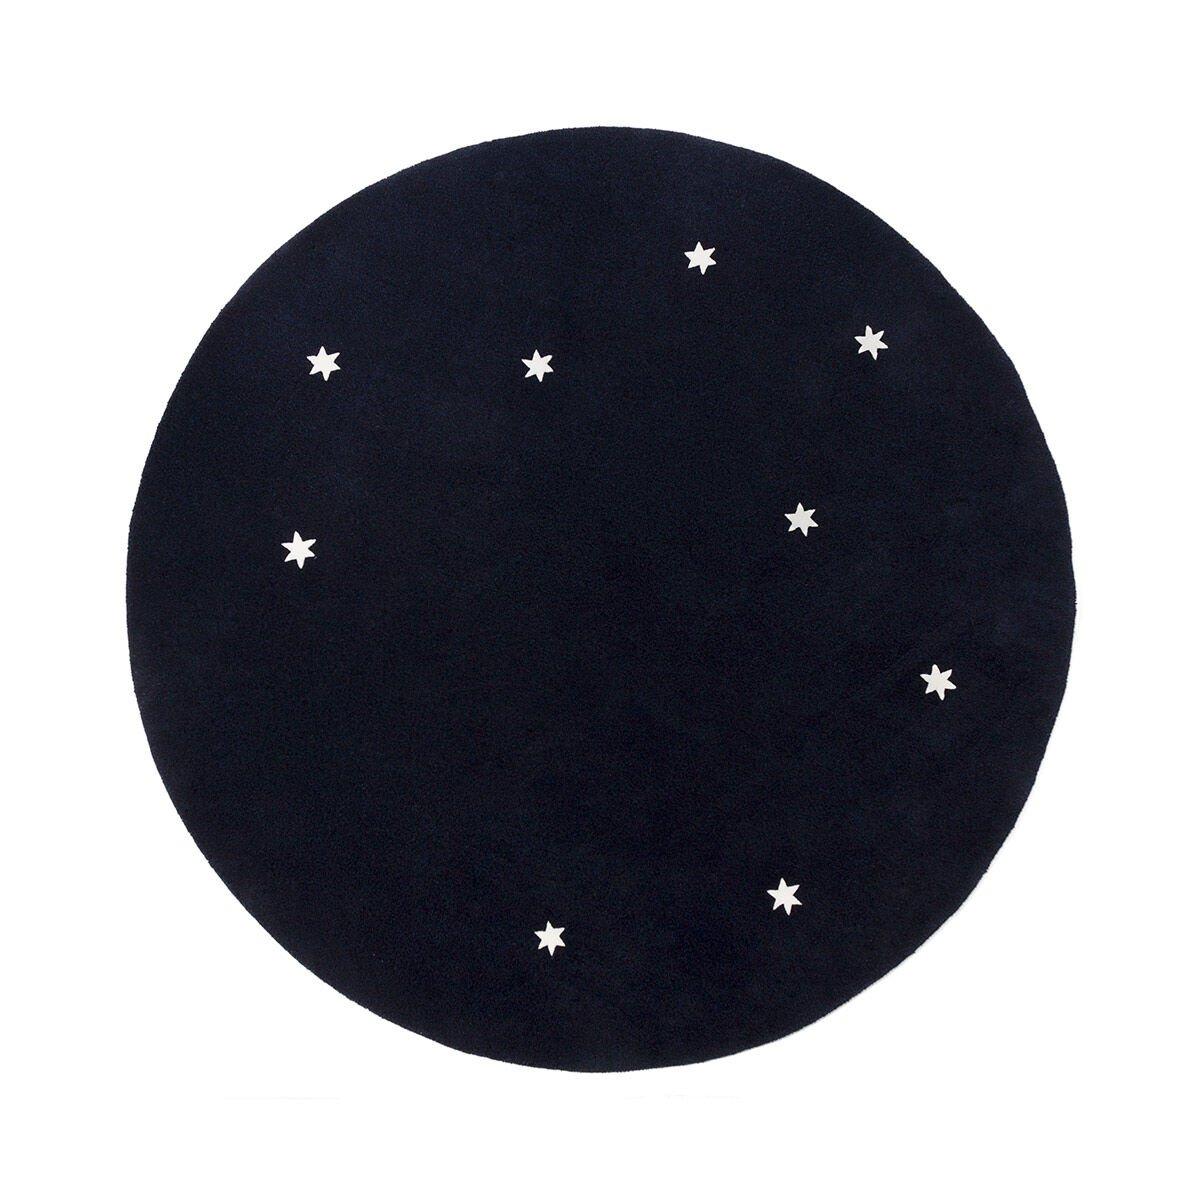 LOEWE Star Carpet L ブルー/ホワイト all